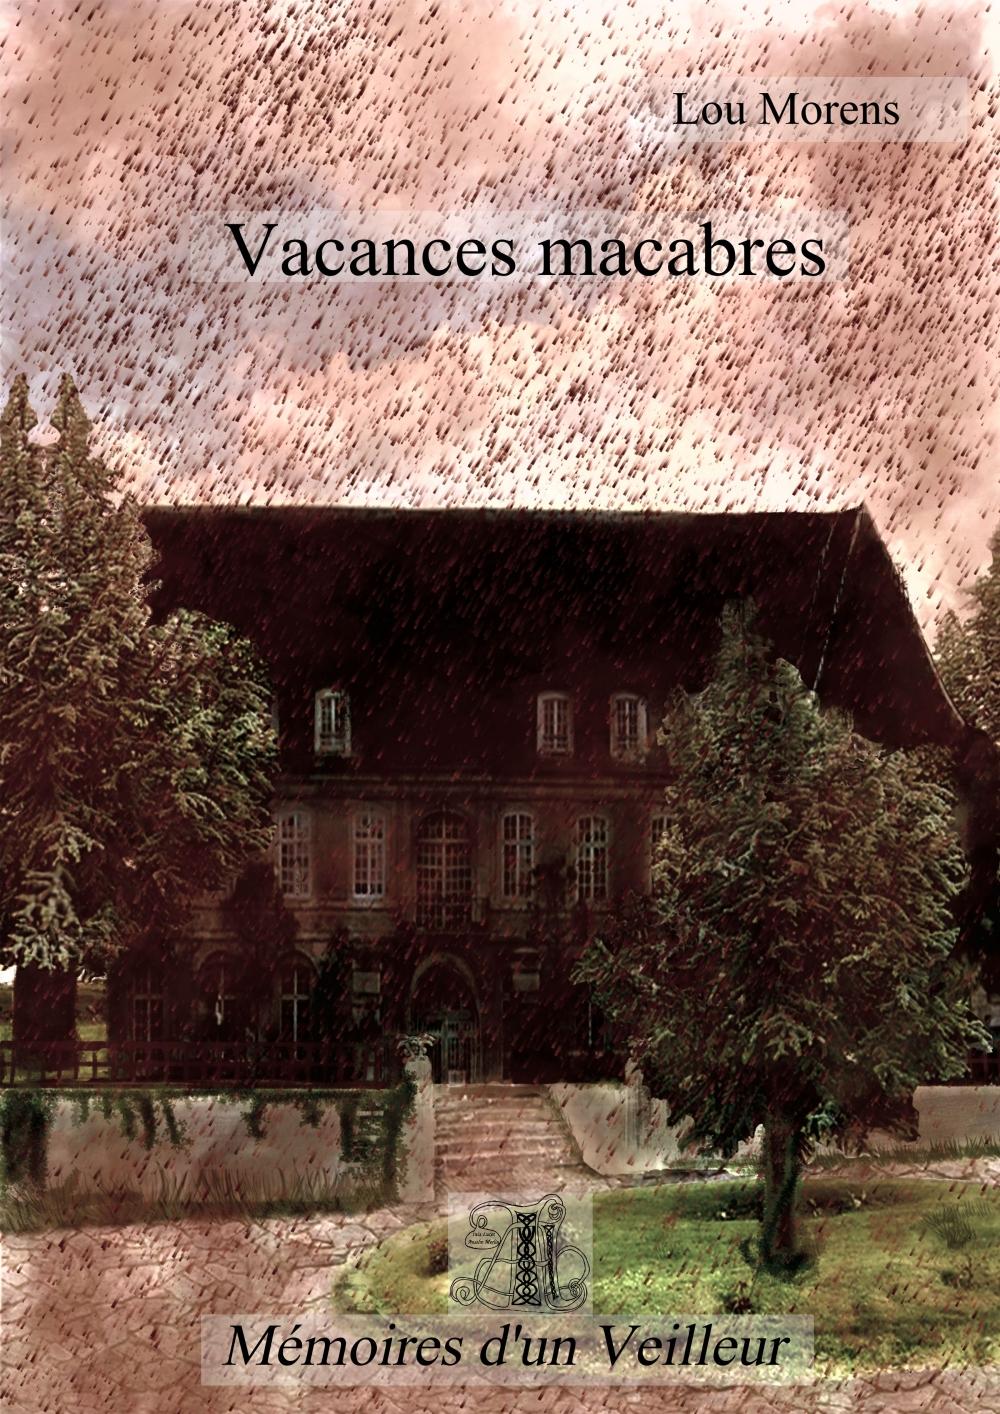 Vacances macabres cover